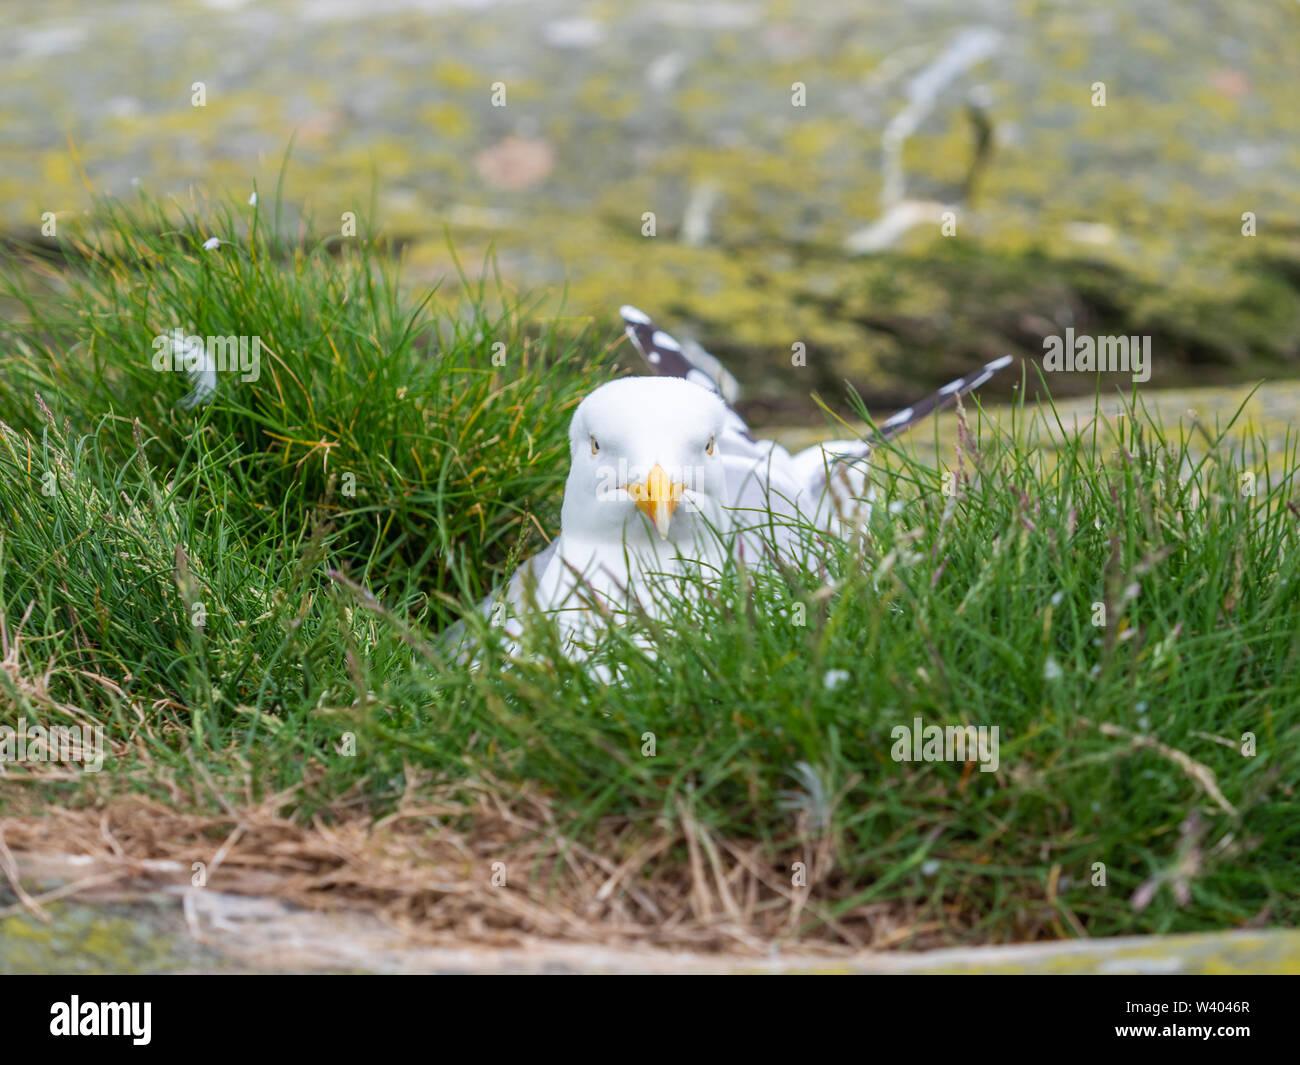 European herring gull (Larus argentatus) - Stock Image